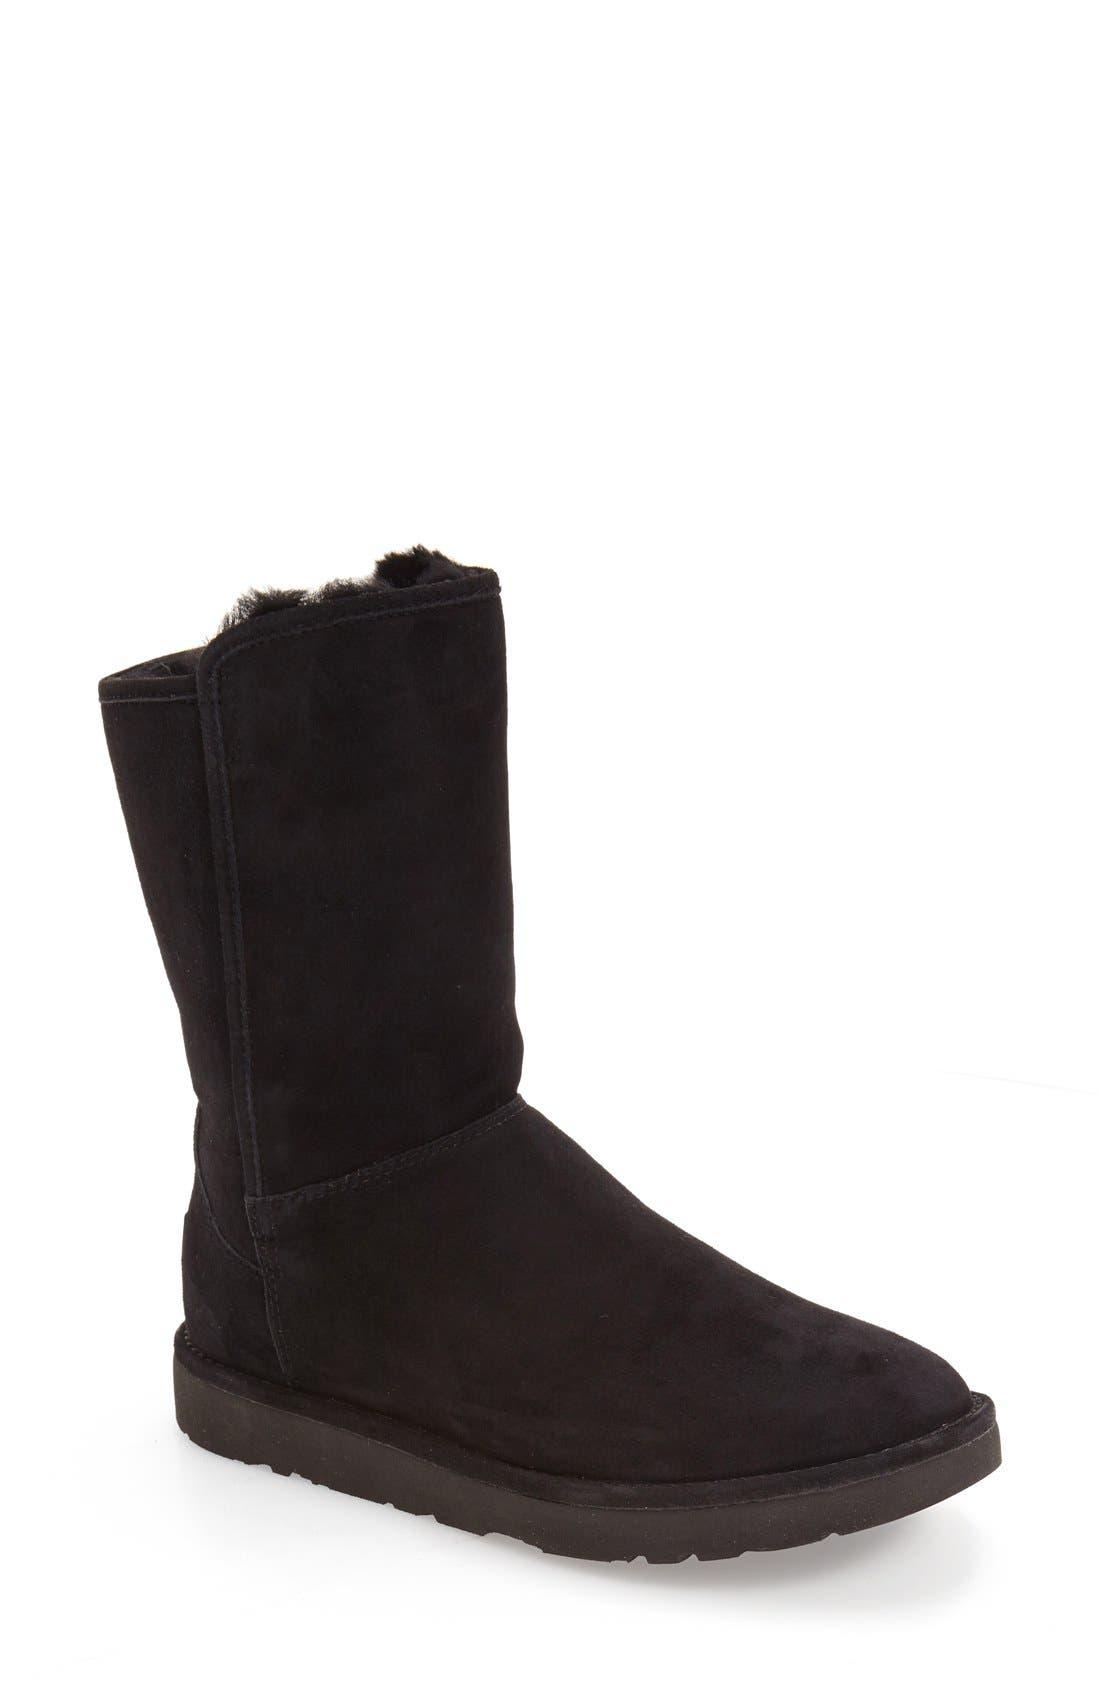 Abree II Short Boot,                         Main,                         color, NERO SUEDE